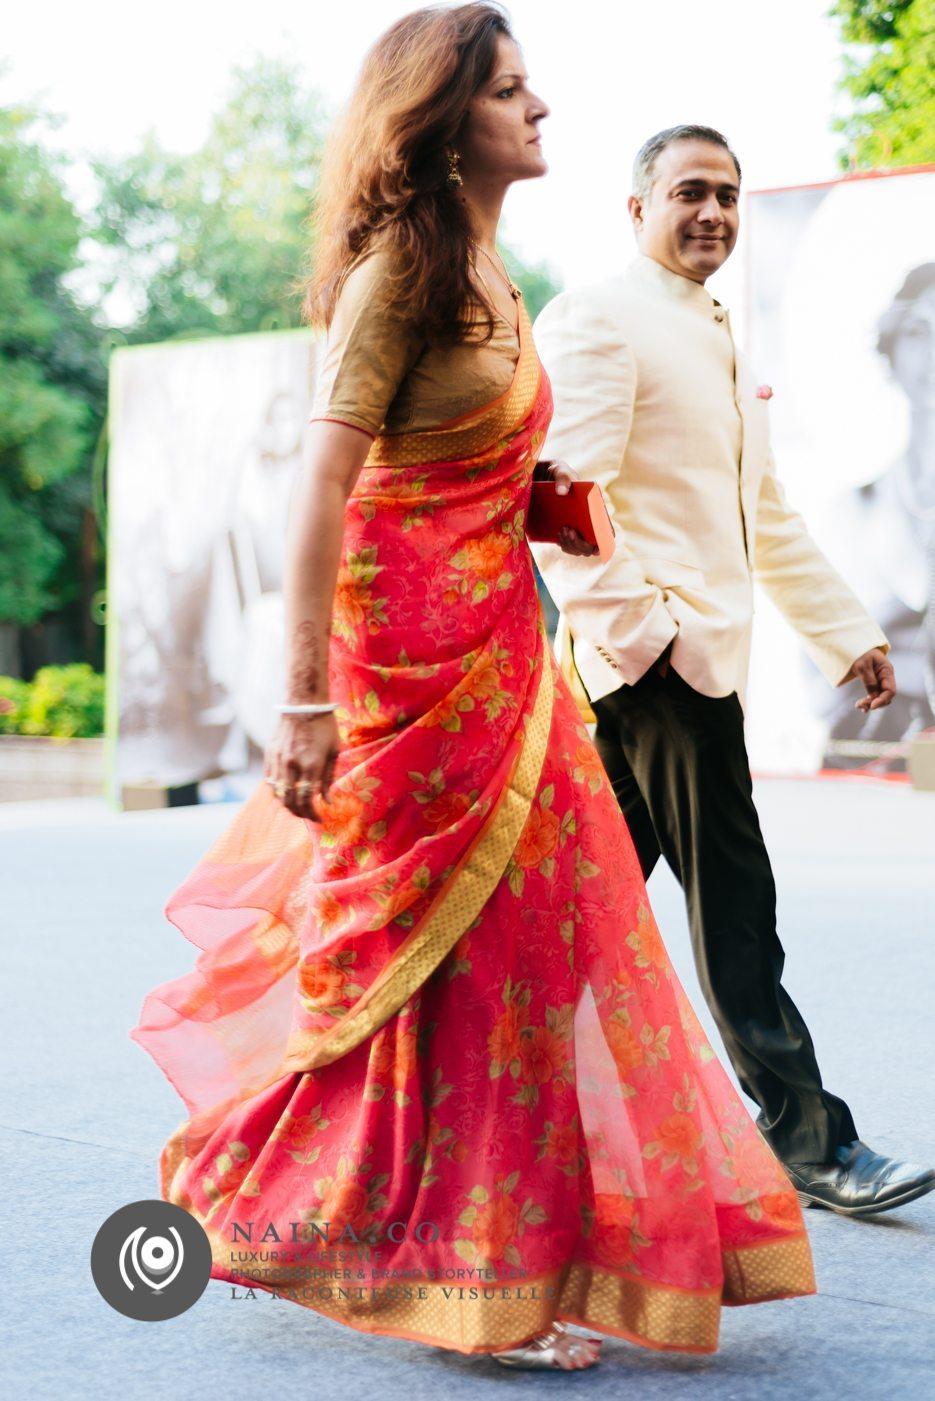 Naina.co-Photographer-Raconteuse-Storyteller-Luxury-Lifestyle-October-2014-Street-Style-WIFWSS15-FDCI-Day01-EyesForFashion-64